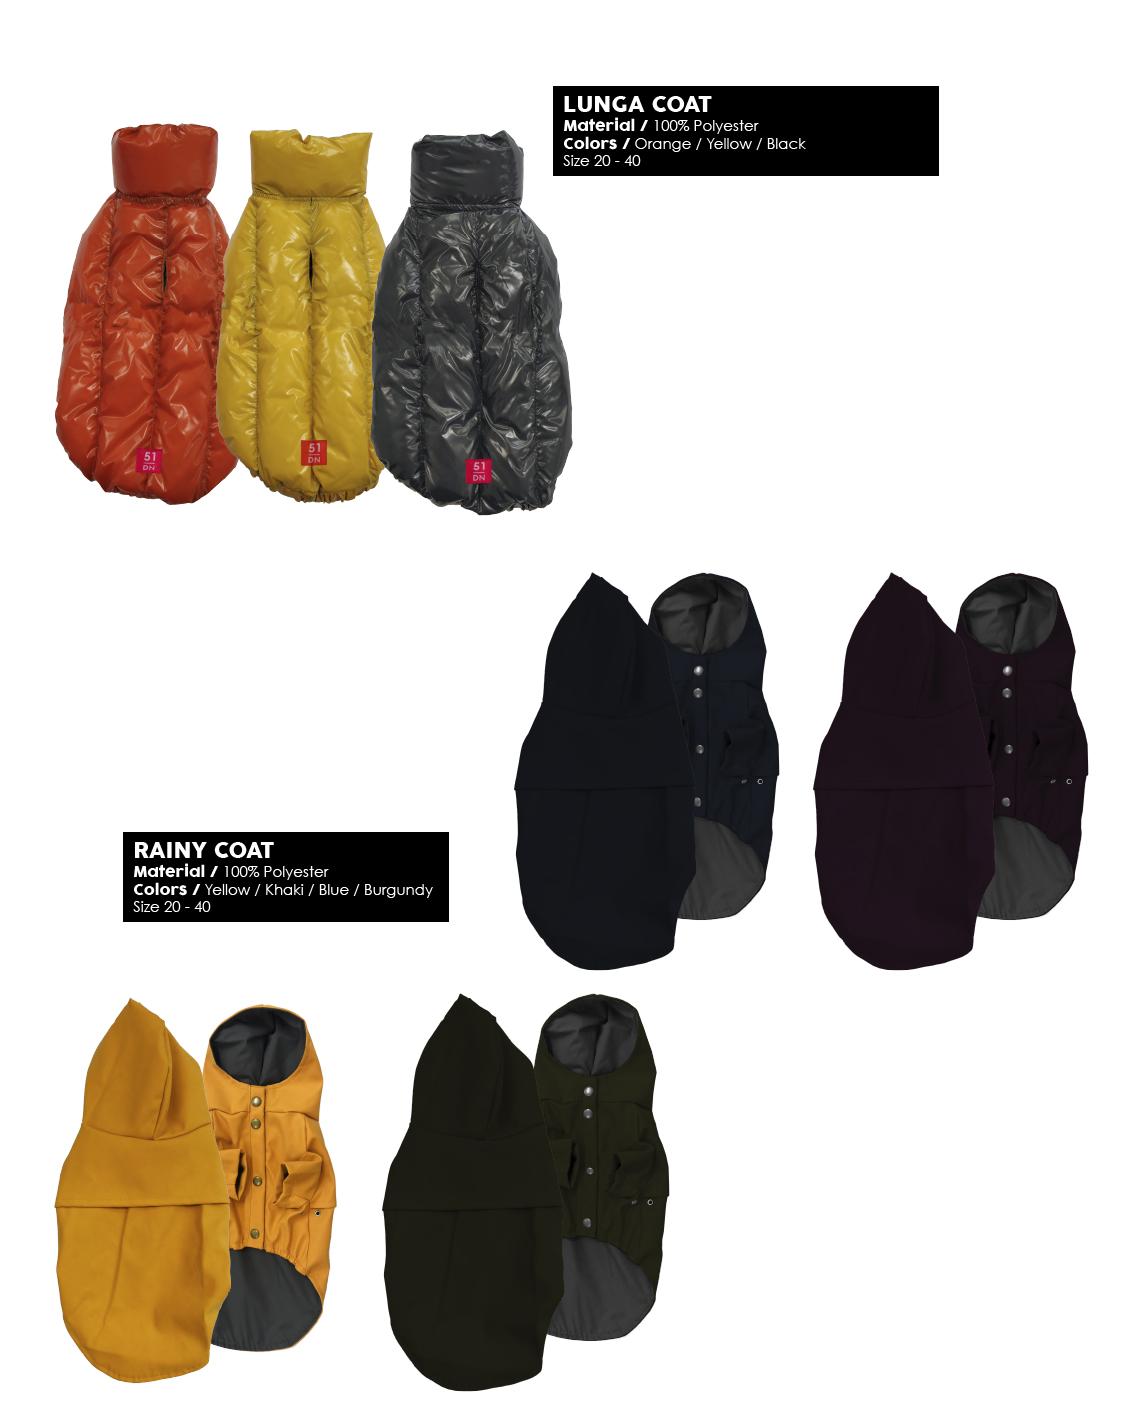 W20 - Dogcoats - Lunga - Rainy coat2